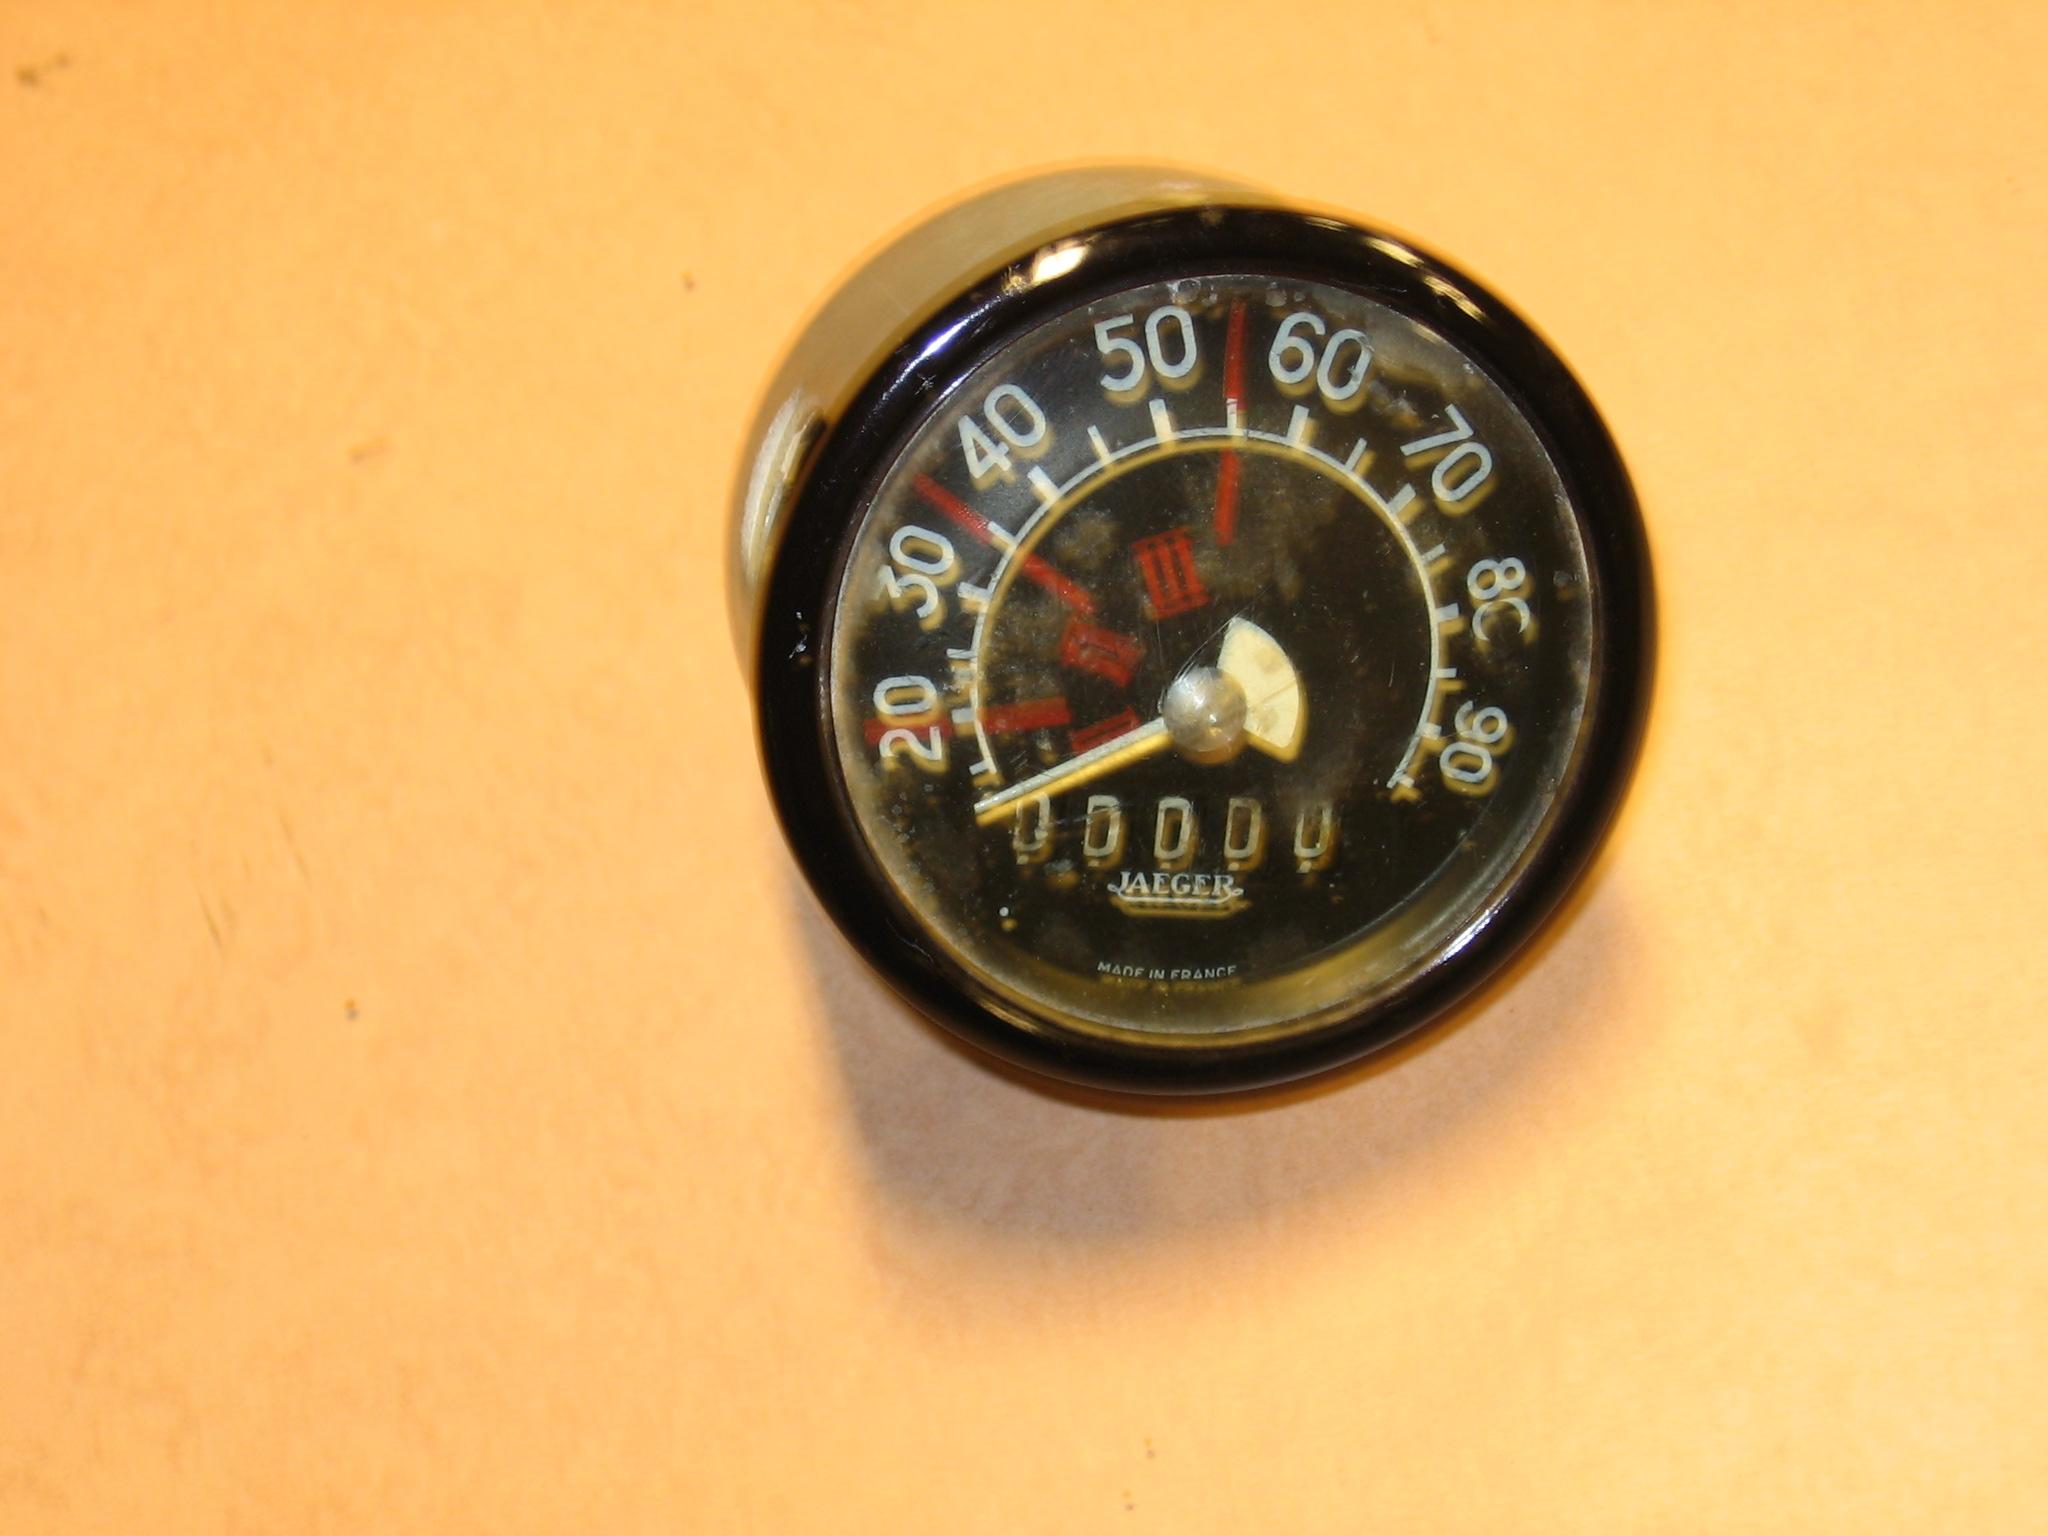 OD0405 Kilometerteller-klokje, met 0000 kilometer weergave, NOS, voor 12pk (voor in uw gerestaureerde 2cv of in de vitrinekast) VERKOCHT